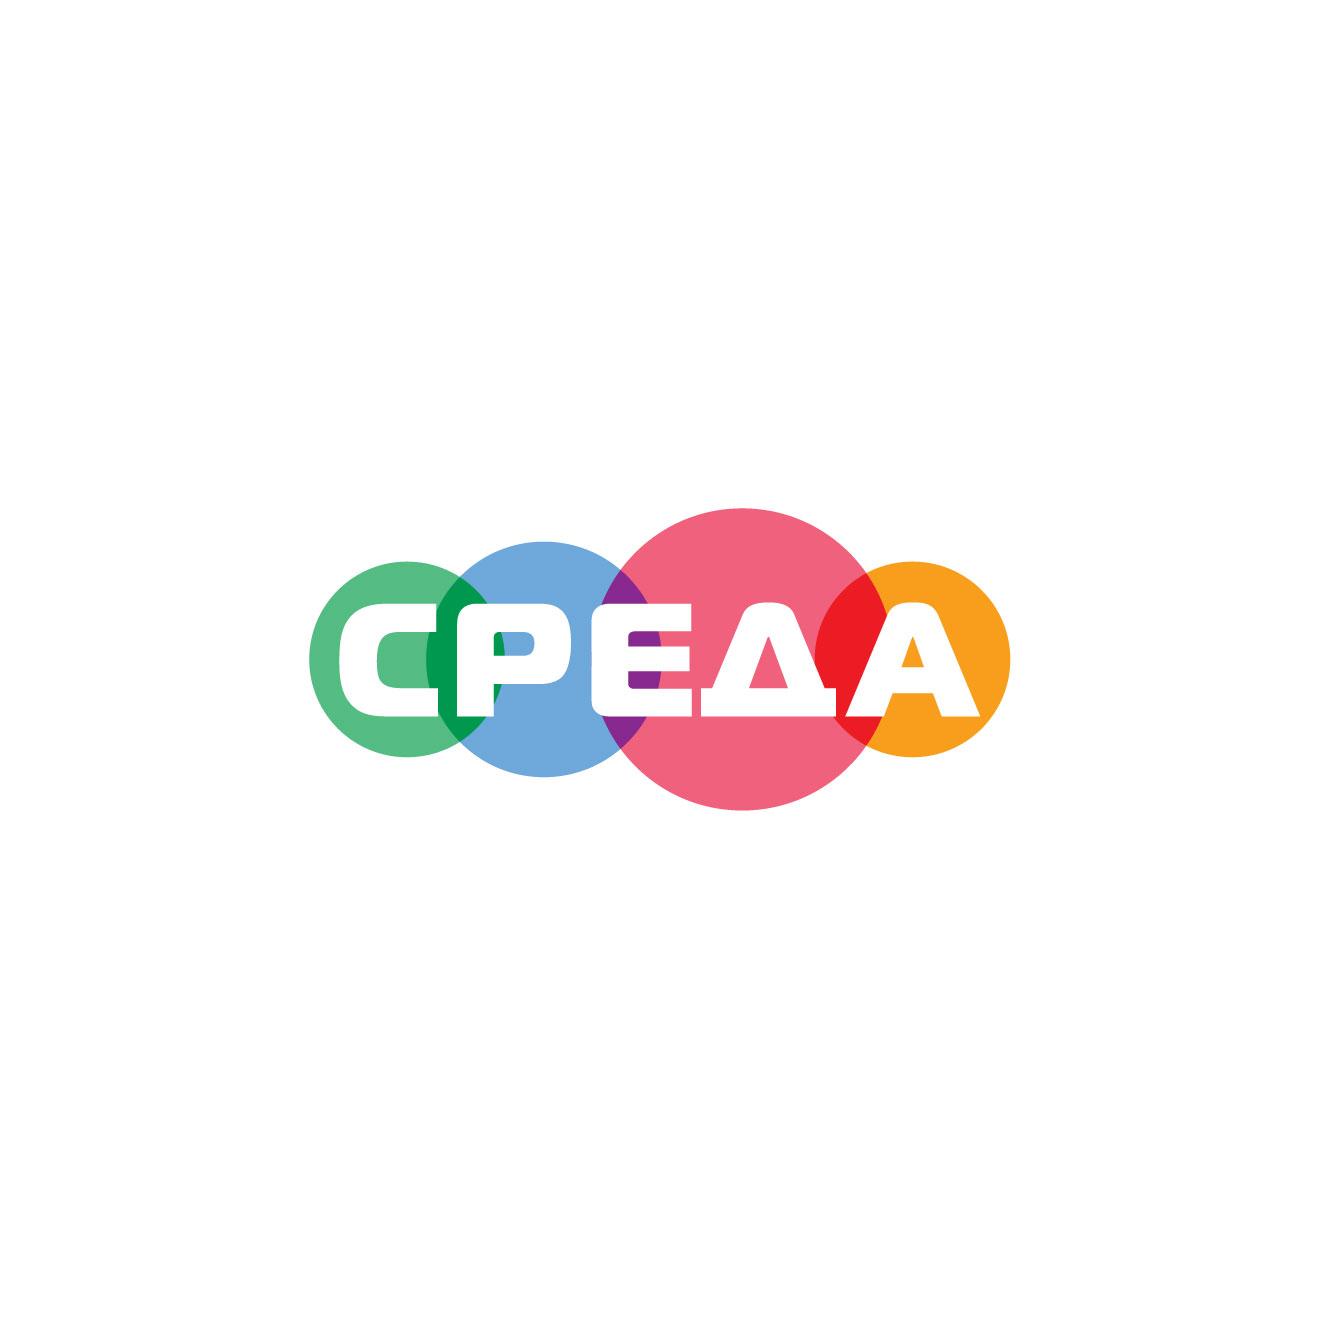 Разработка логотипа для творческого портала фото f_5845b4352112b001.jpg